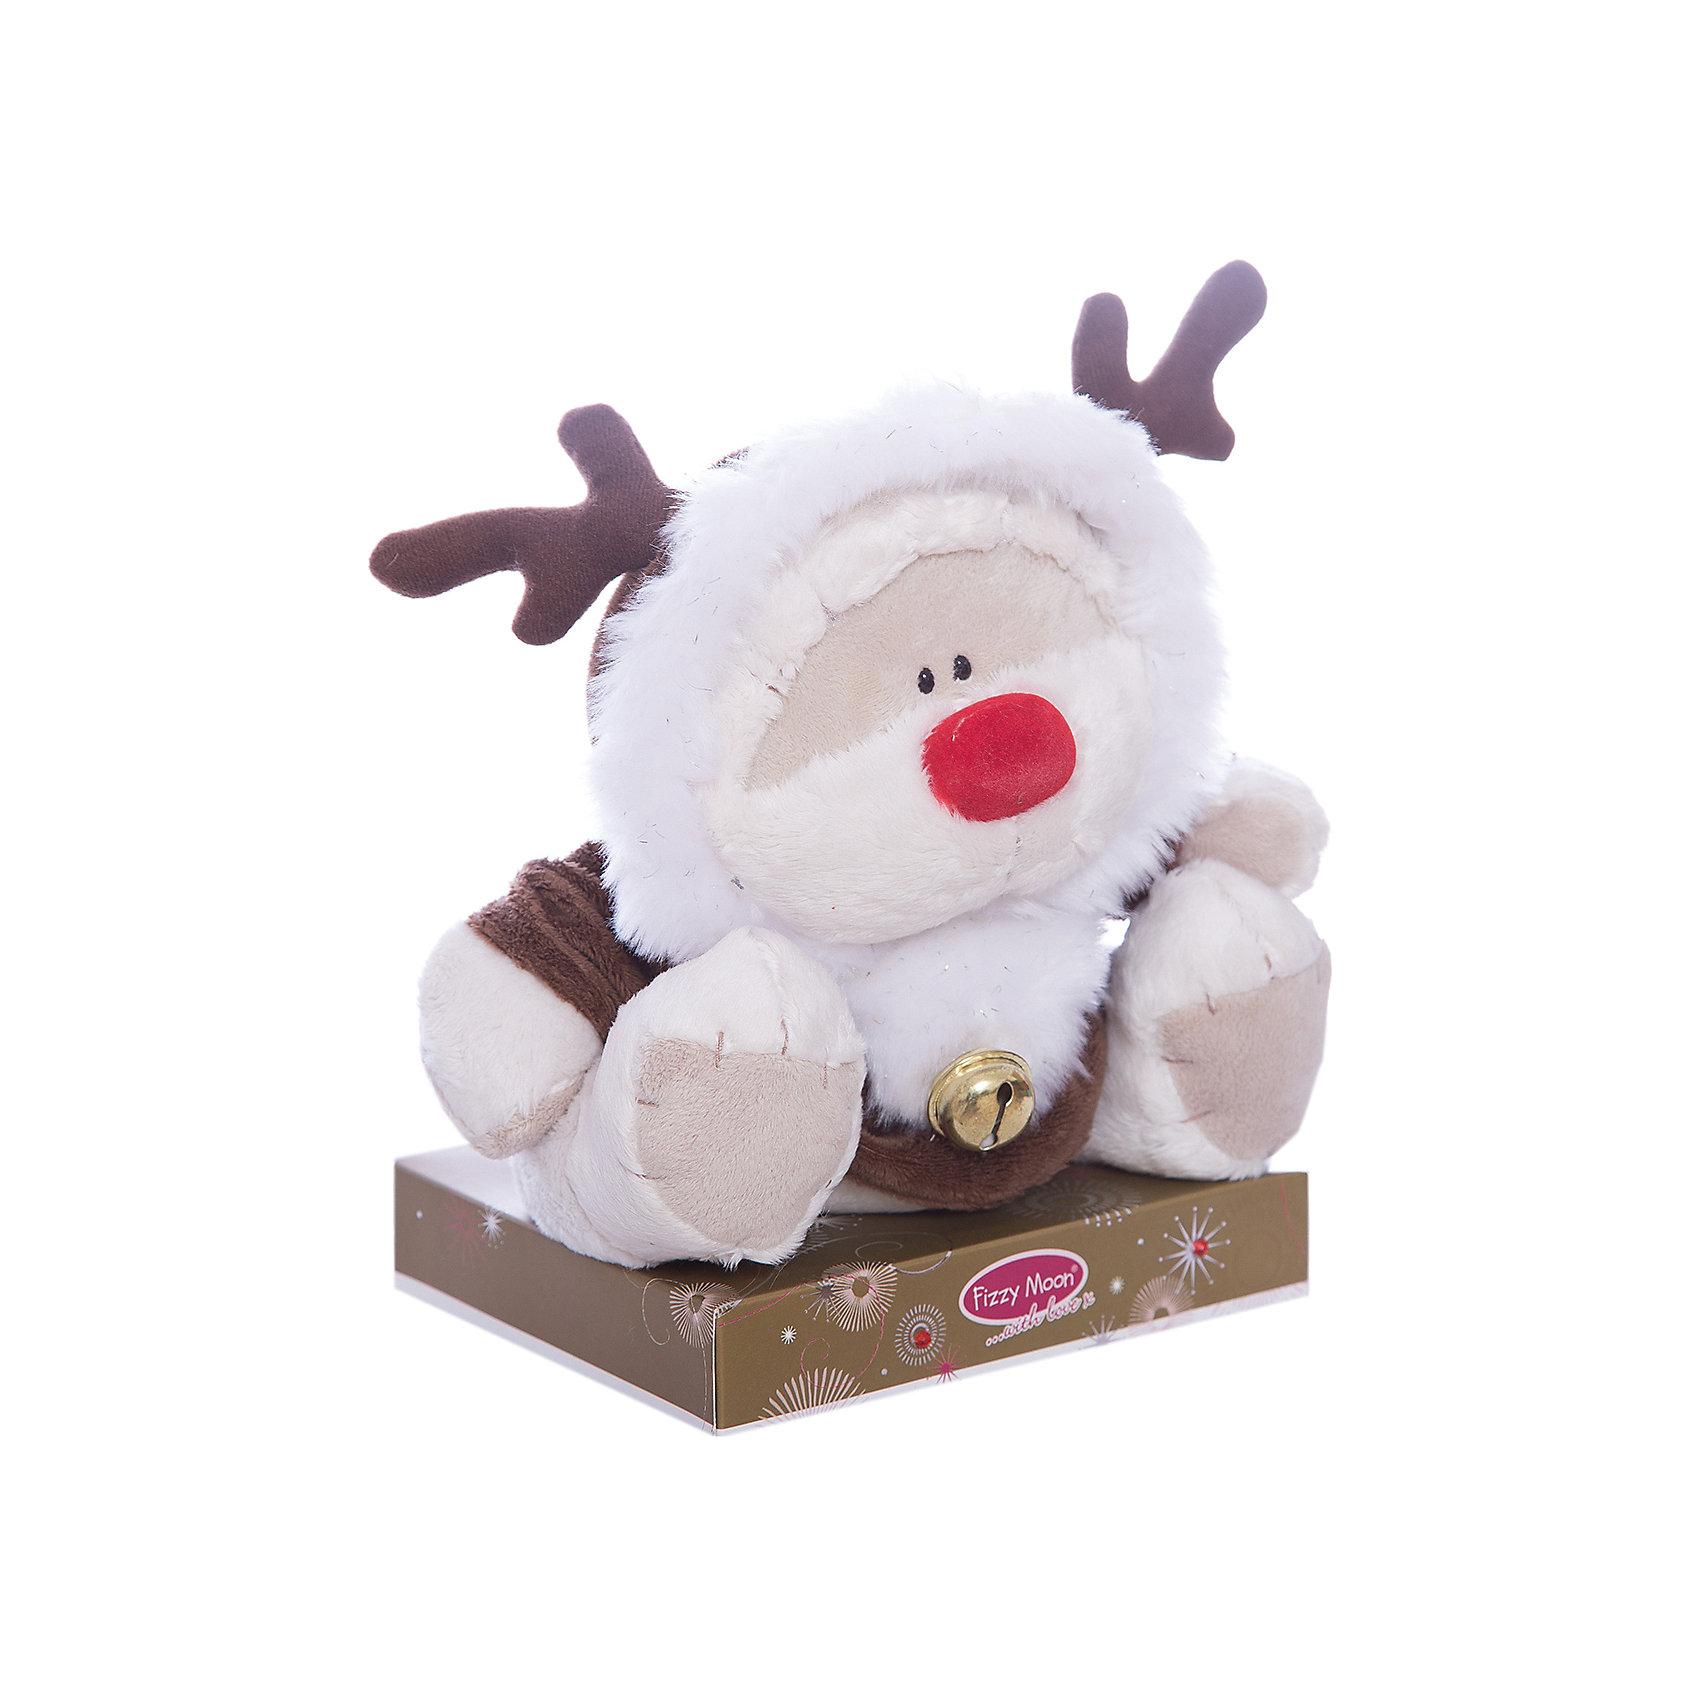 Мишка, 20 см, Fizzy MoonМедвежата<br>Мишка, 20 см, Fizzy Moon (Физзи Мун).<br><br>Характеристики:<br><br>- Размер: 20 см.<br>- Материал: искусственный мех, текстиль<br><br>Сентиментальный медвежонок по имени Физзи Мун в костюме оленя с колокольчиком, сидящий на подставке, вызывает только положительные эмоции. Трогательный и обаятельный мишка порадует как детей, так и взрослых. У мишки умилительная смешная мордашка, забавный красный носик и черные как угольки глазки. Он изготовлен из высококачественных материалов. Fizzy Moon (Физзи Мун) всемирно известный бренд игрушек, который уже завоевал любовь и популярность! Добрый мишка Физзи Мун станет отличным подарком!<br><br>Мишку, 20 см, Fizzy Moon (Физзи Мун) можно купить в нашем интернет-магазине.<br><br>Ширина мм: 100<br>Глубина мм: 80<br>Высота мм: 210<br>Вес г: 280<br>Возраст от месяцев: 36<br>Возраст до месяцев: 2147483647<br>Пол: Унисекс<br>Возраст: Детский<br>SKU: 5119978